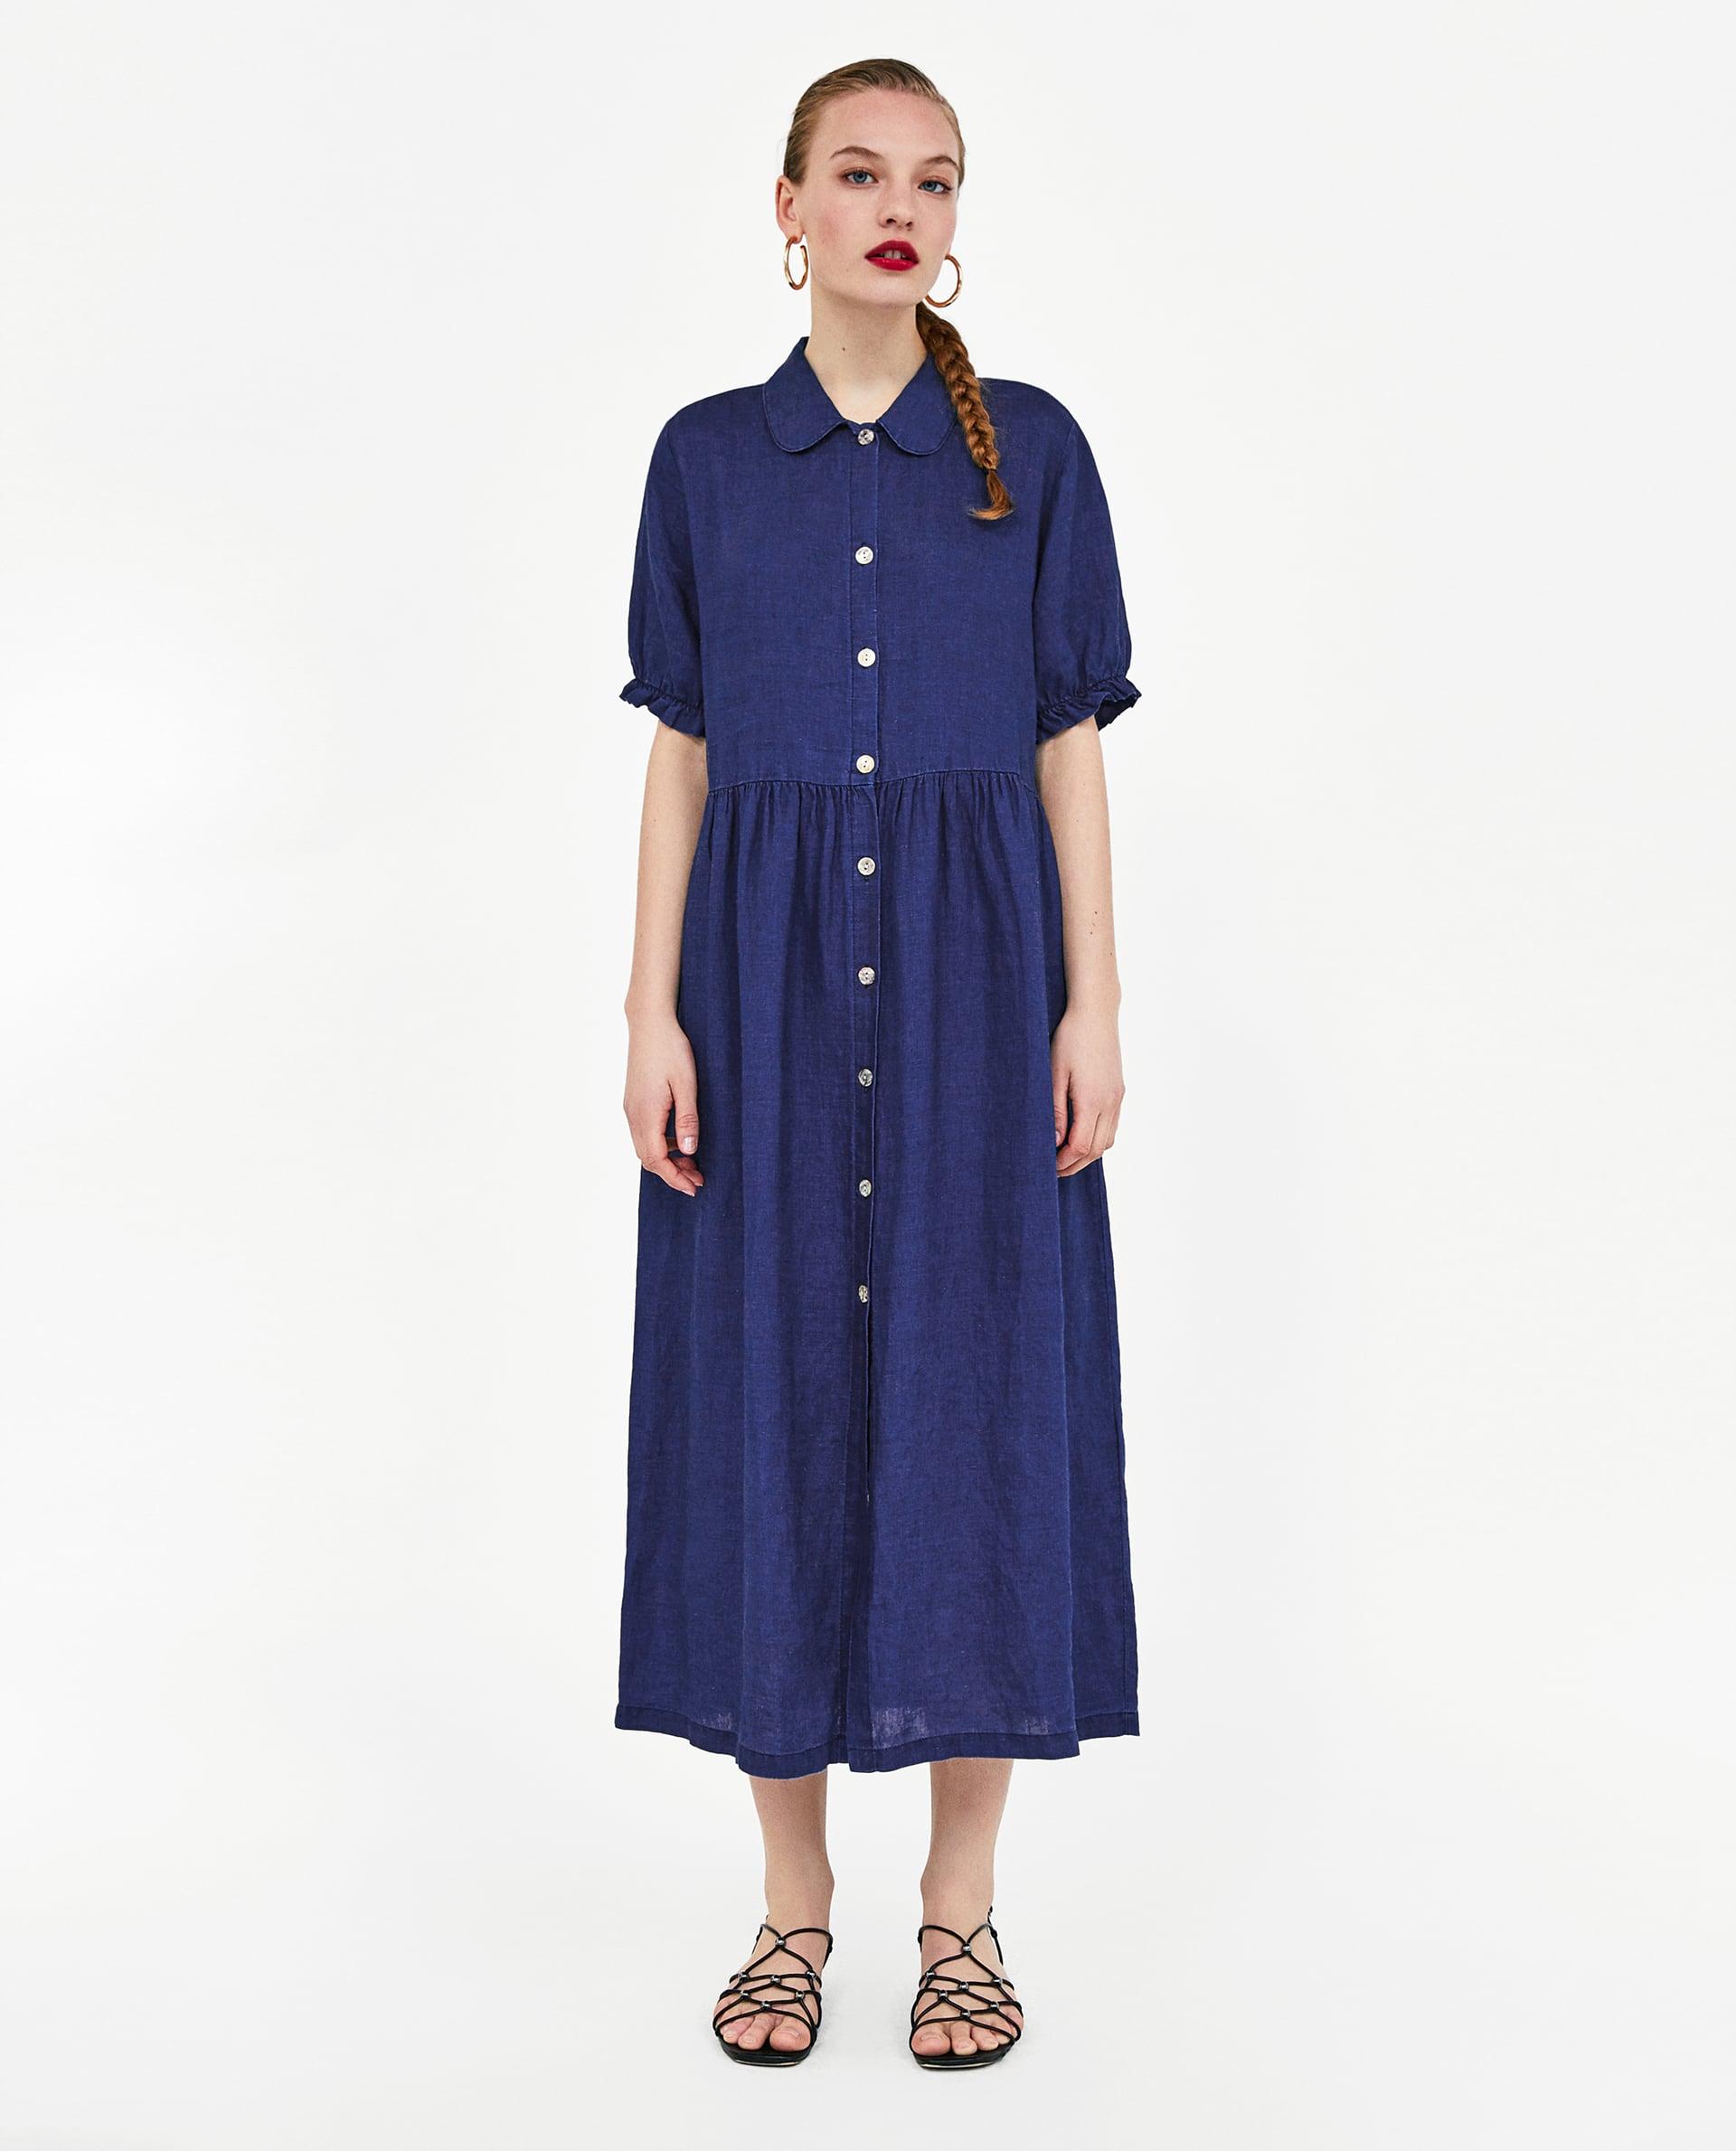 Zara t shirt dress dont make drama kamos t shirt for Zara black t shirt dress